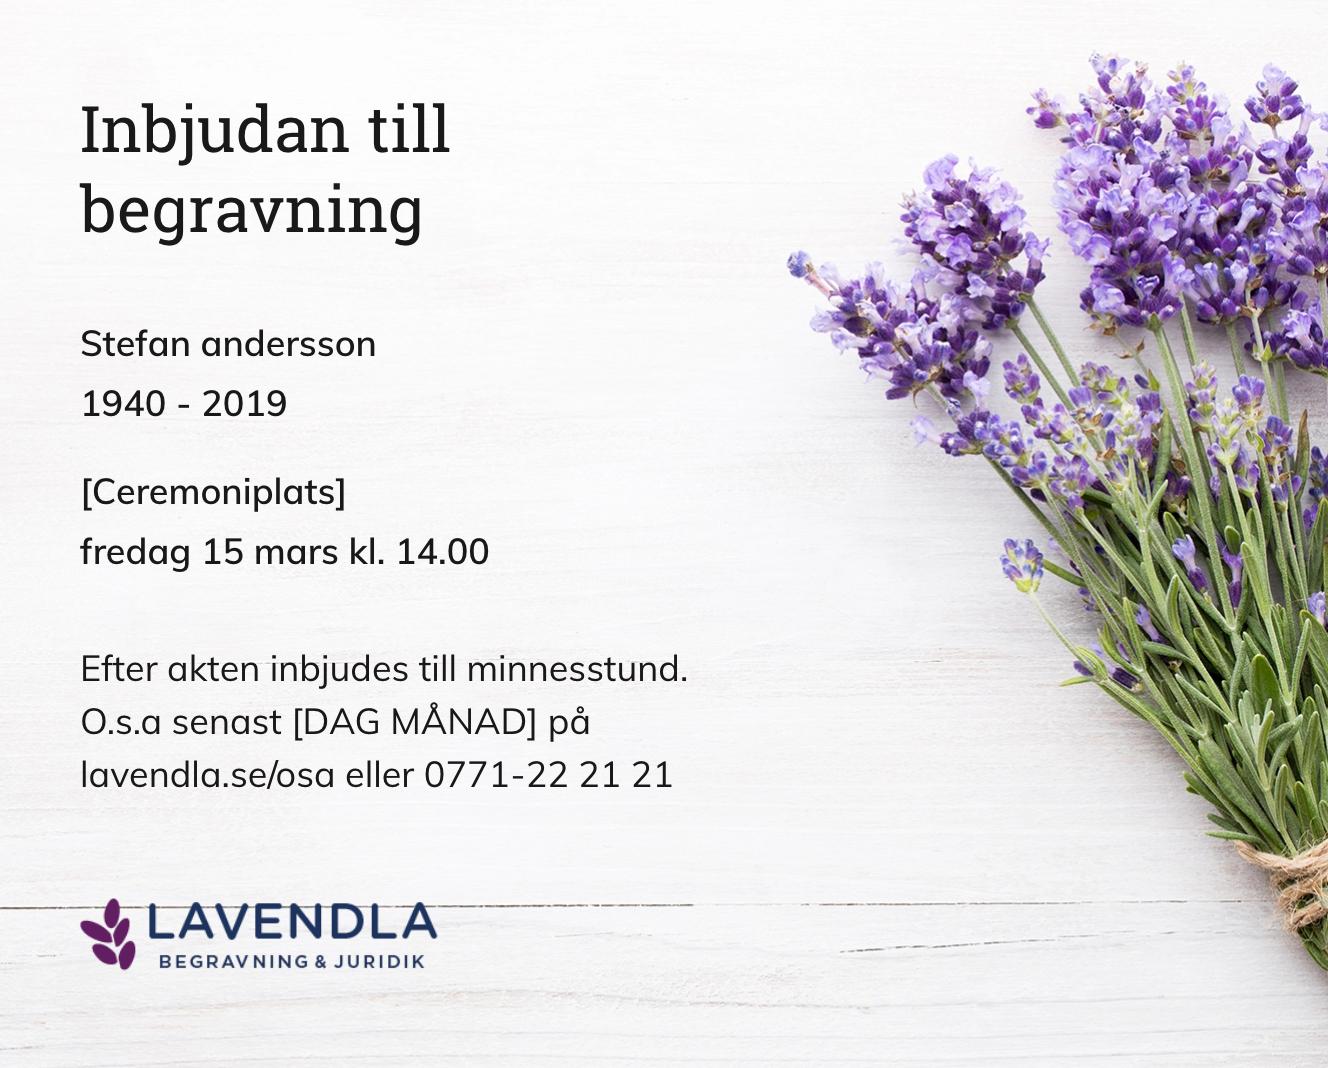 Inbjudningskort till ceremonin för Stefan andersson